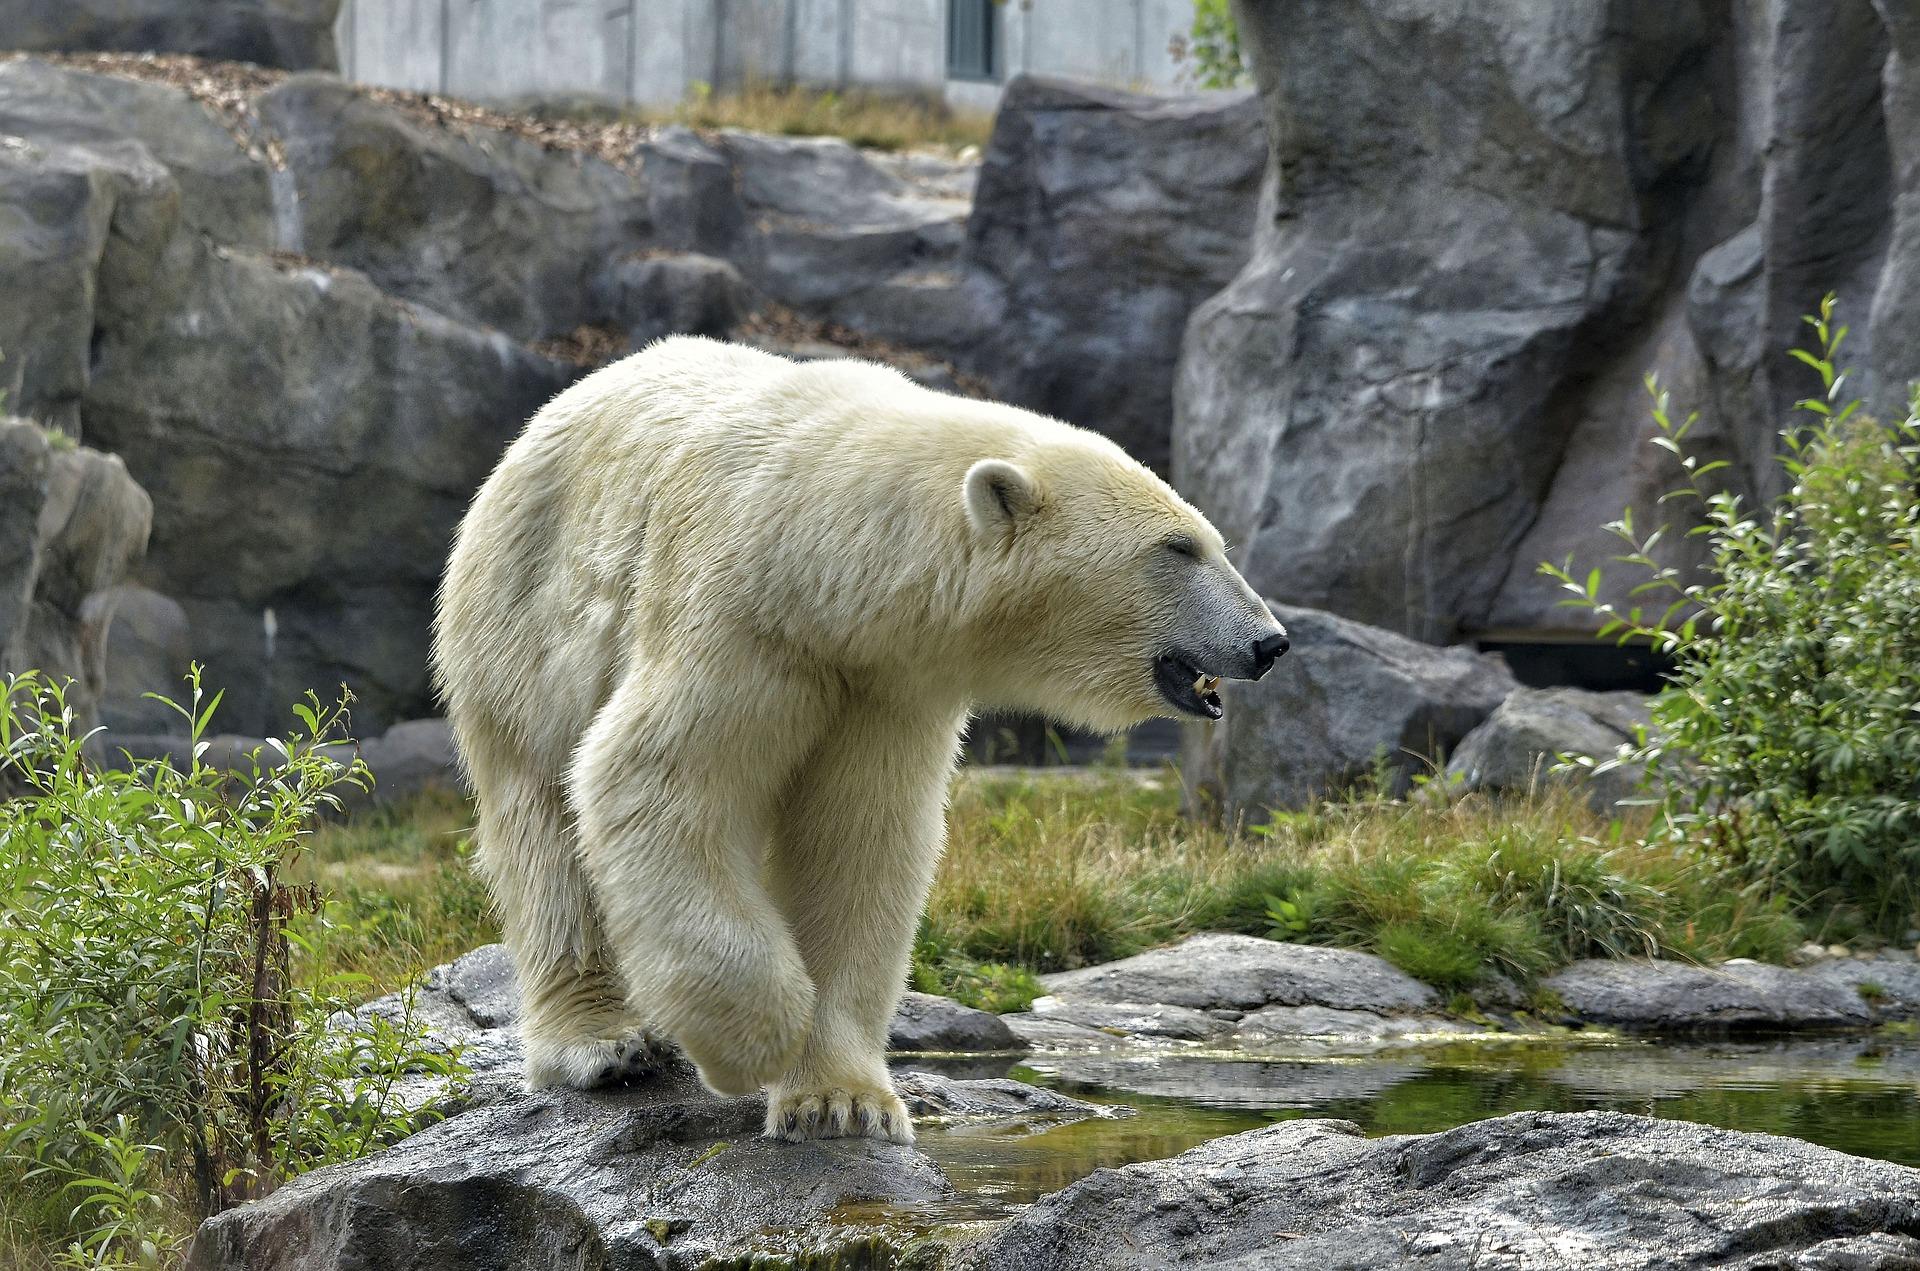 Der Zoo hat u.a. auch Eisbären